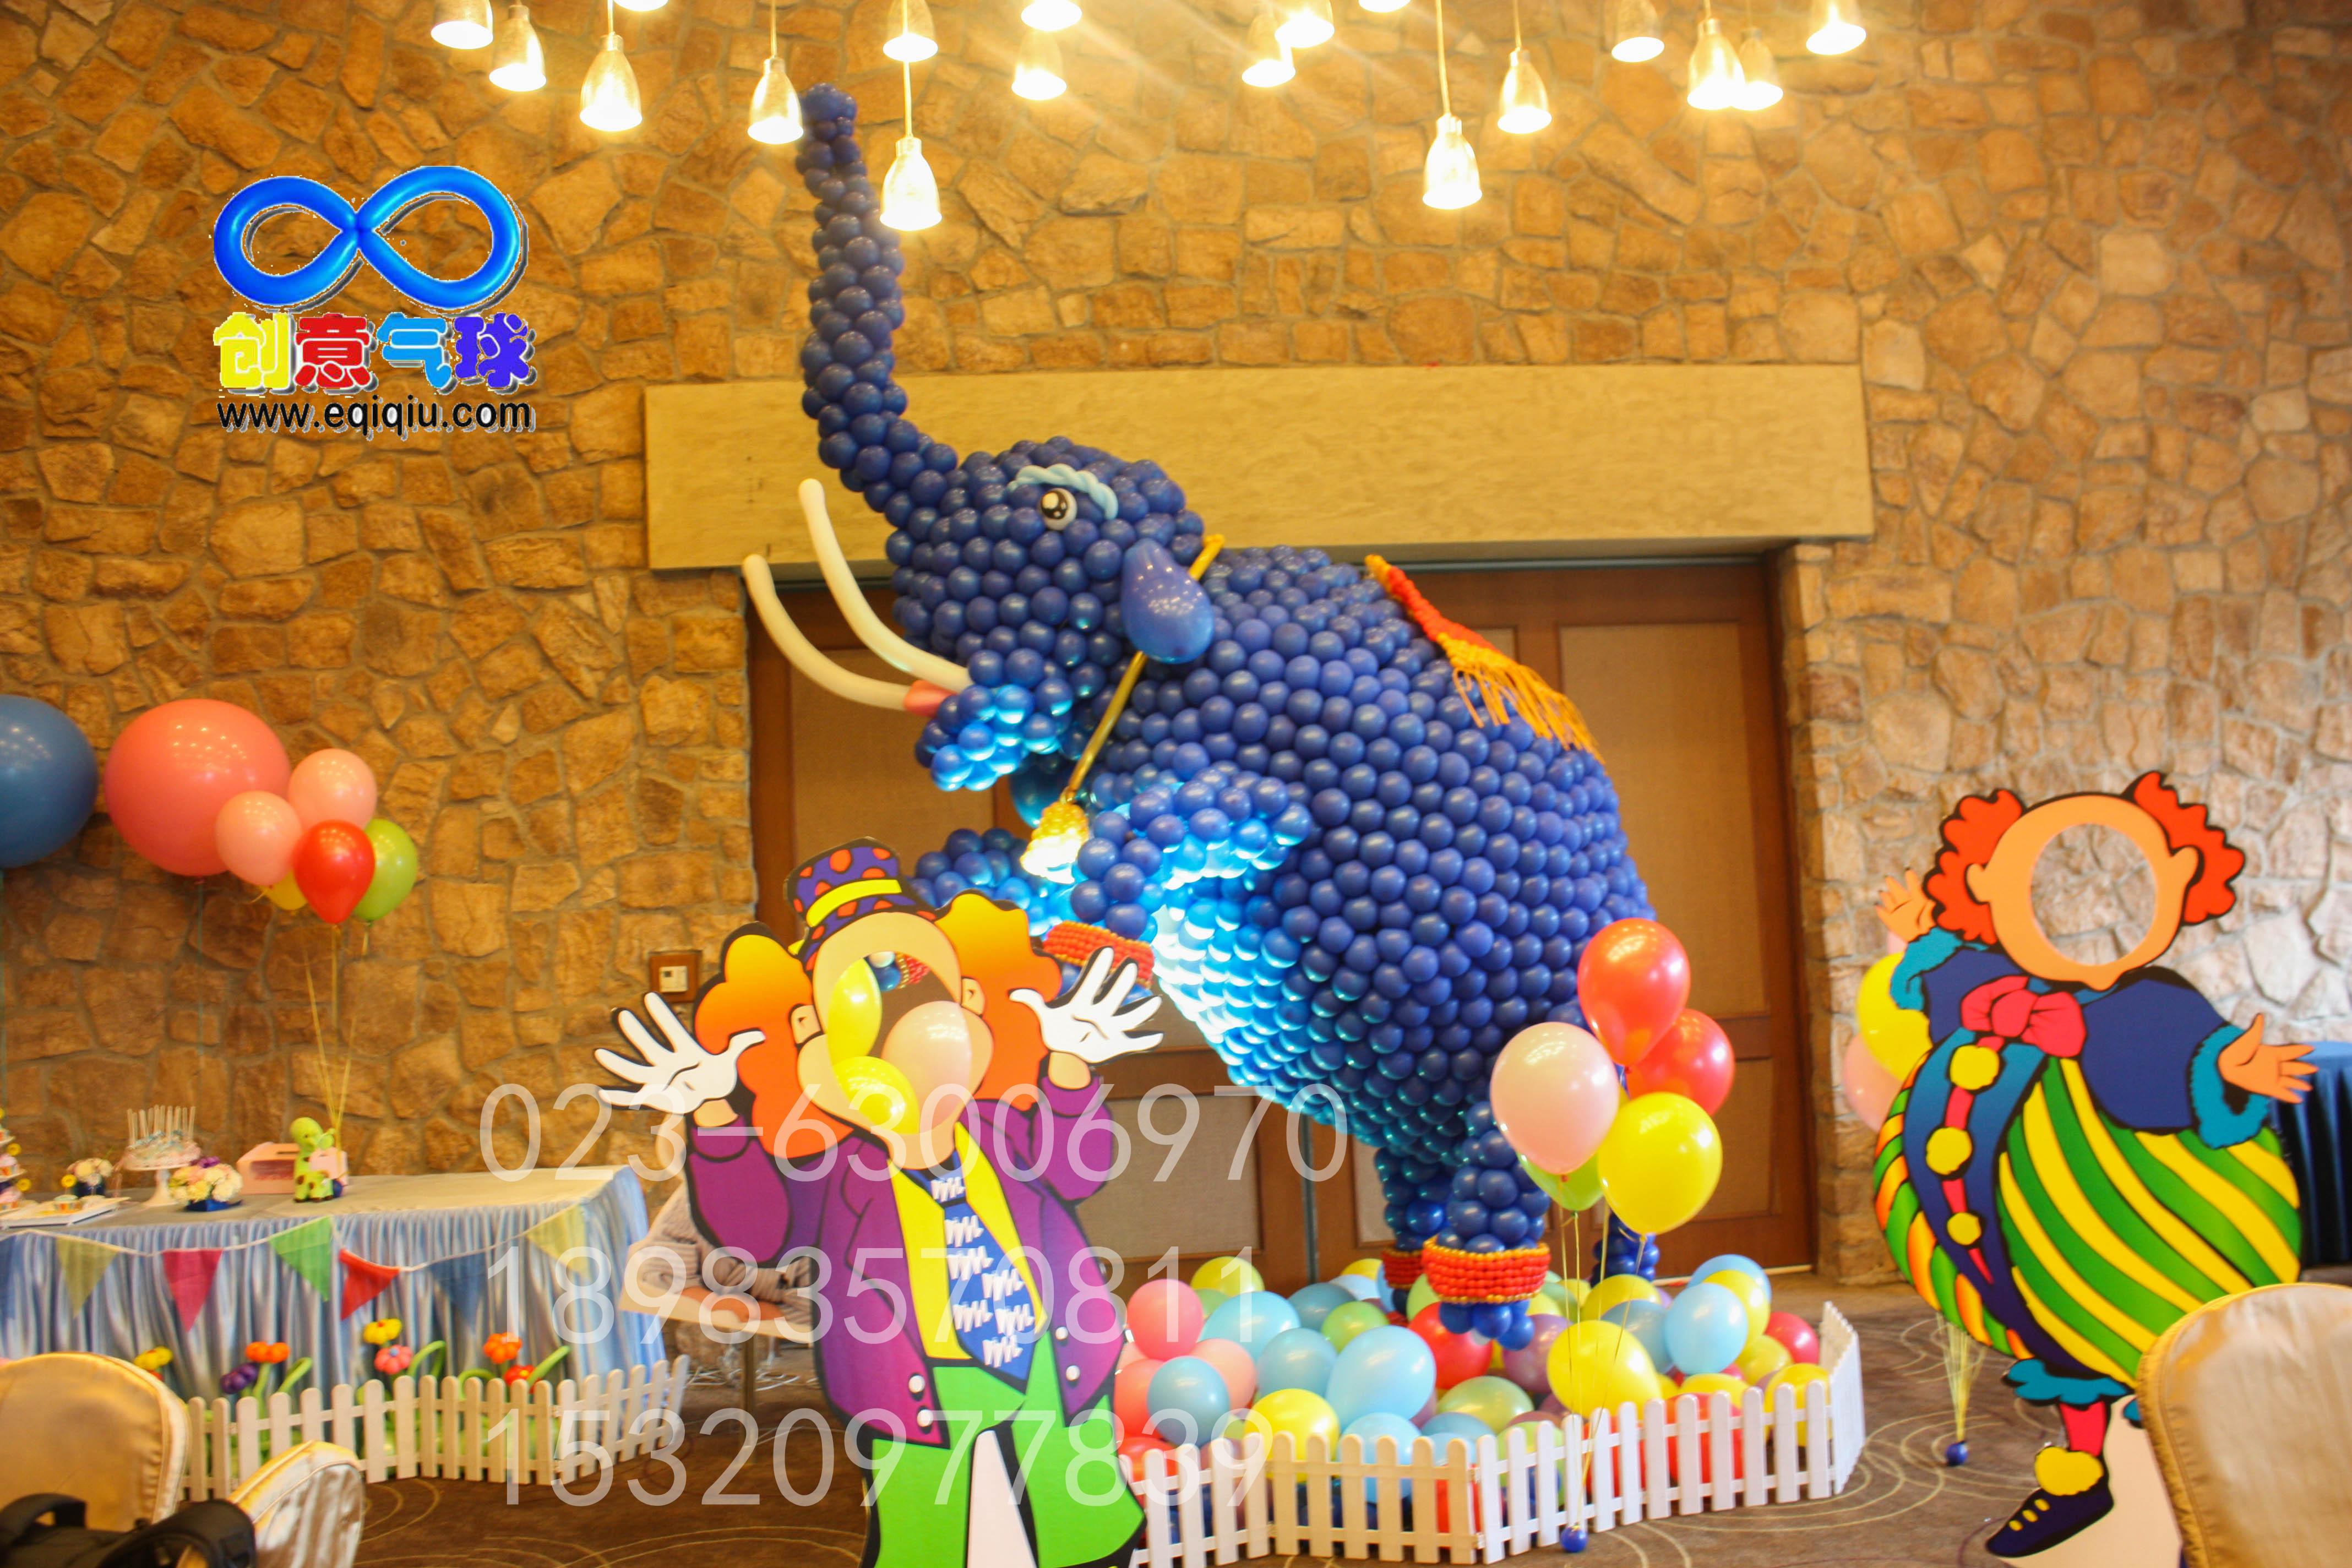 重庆价位合理的生日宴装扮上哪买——重庆最专业的寿宴周岁宴生日宴装扮漂亮